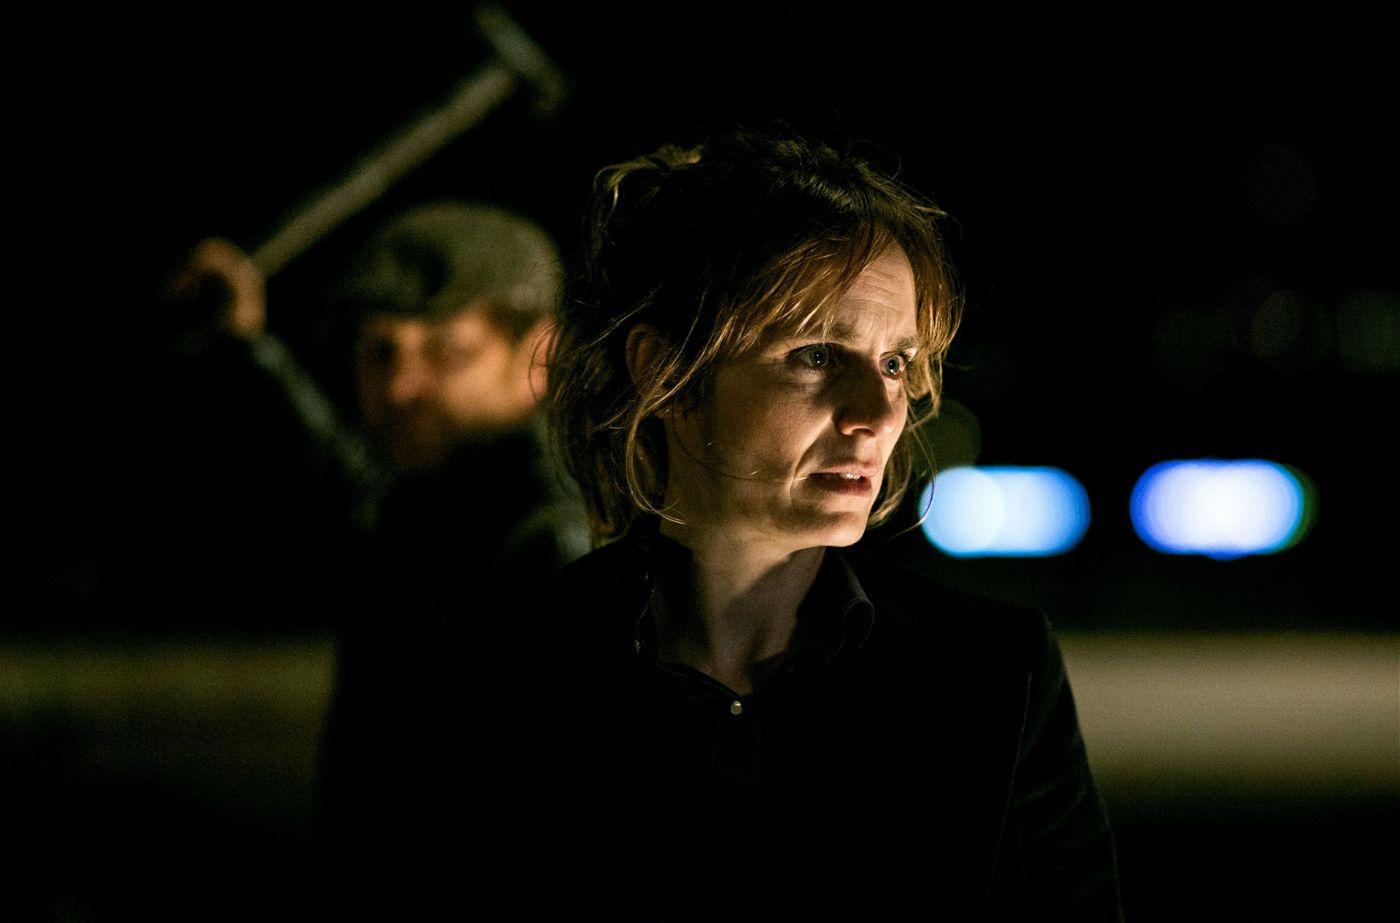 In tödlicher Gefahr: Kommissarin Isabelle Grandjean (Anna Pieri Zürcher) wird von Andras Lakatos (Levente Molnar) bedroht